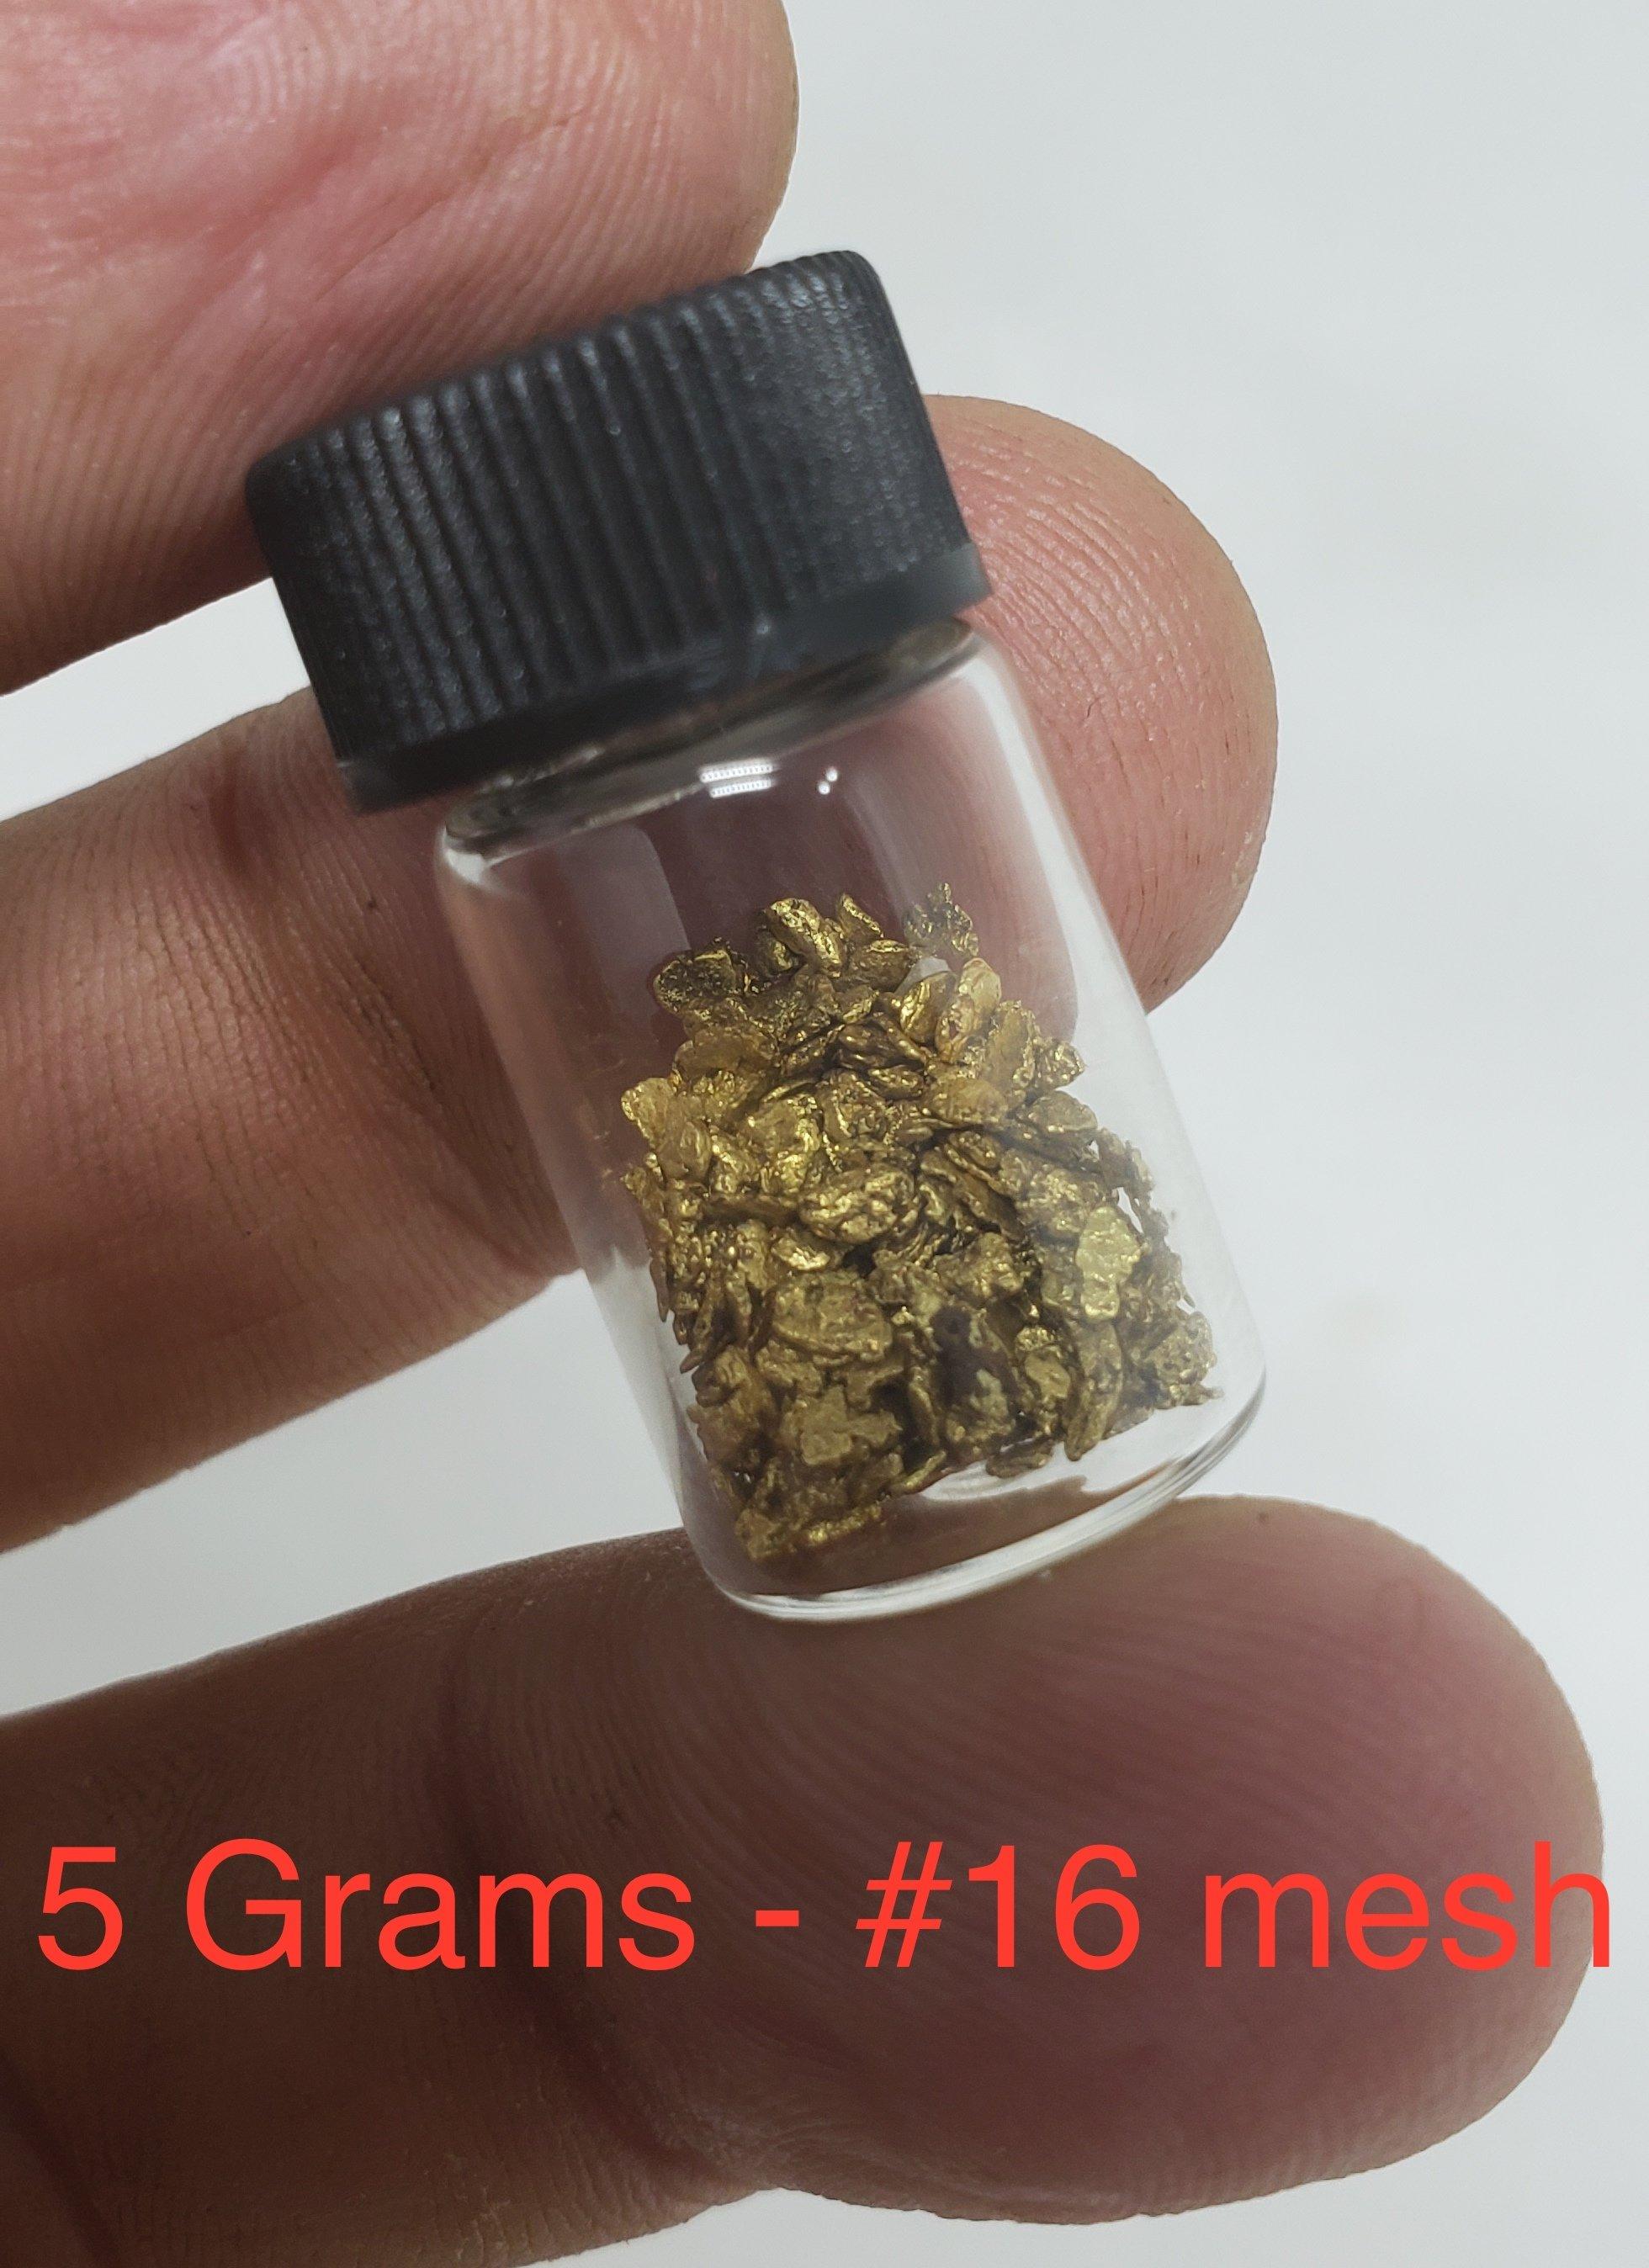 5 grams #16 mesh